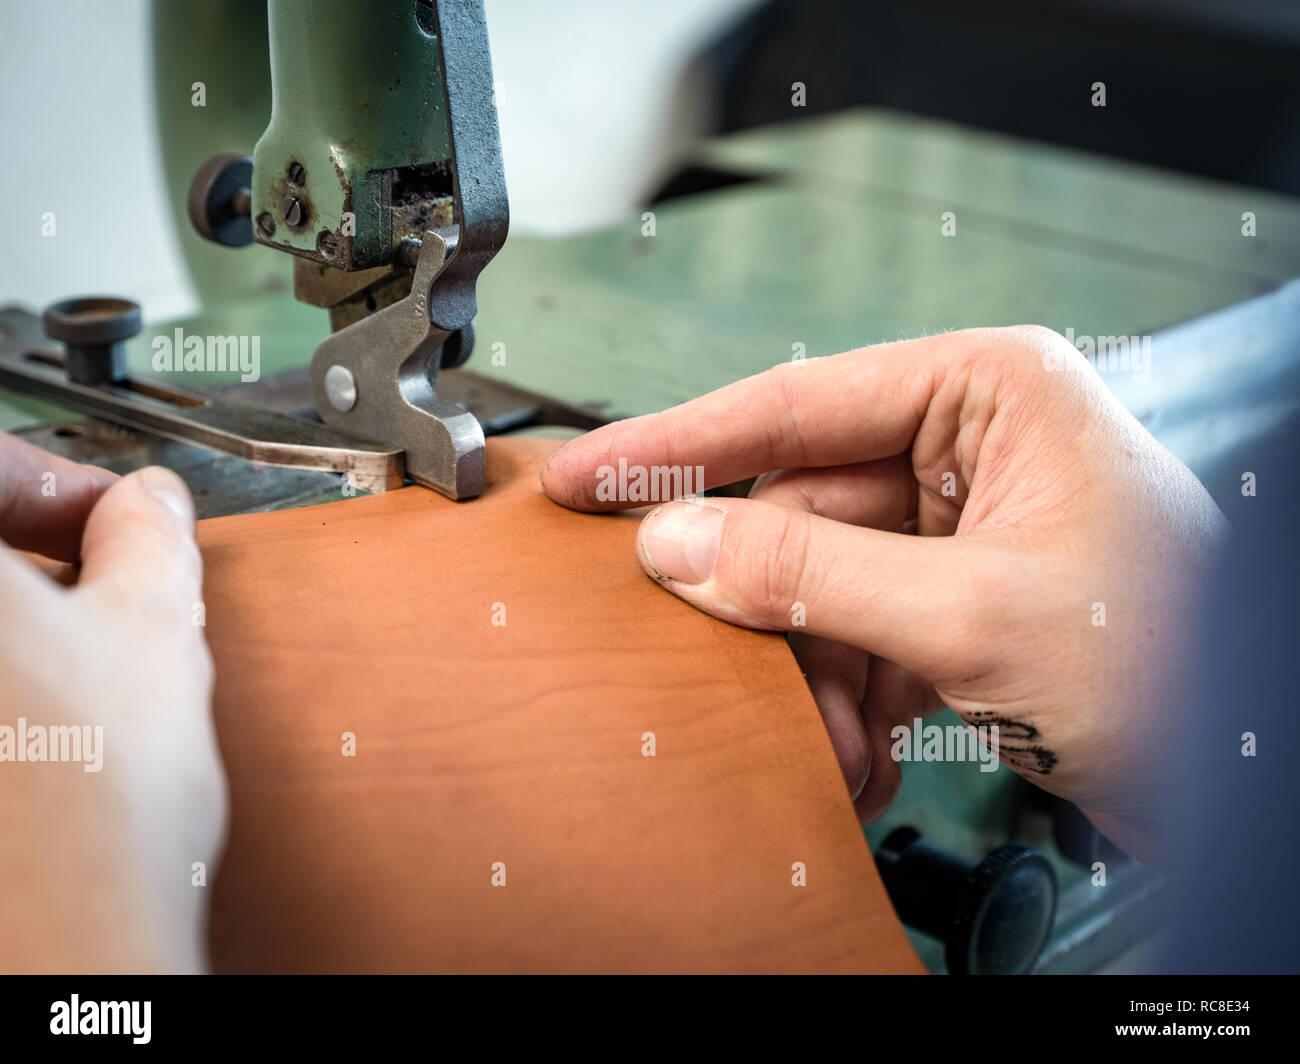 Leatherworker usinage à l'aide de sac à main en cuir edge en atelier, Close up of hands Banque D'Images